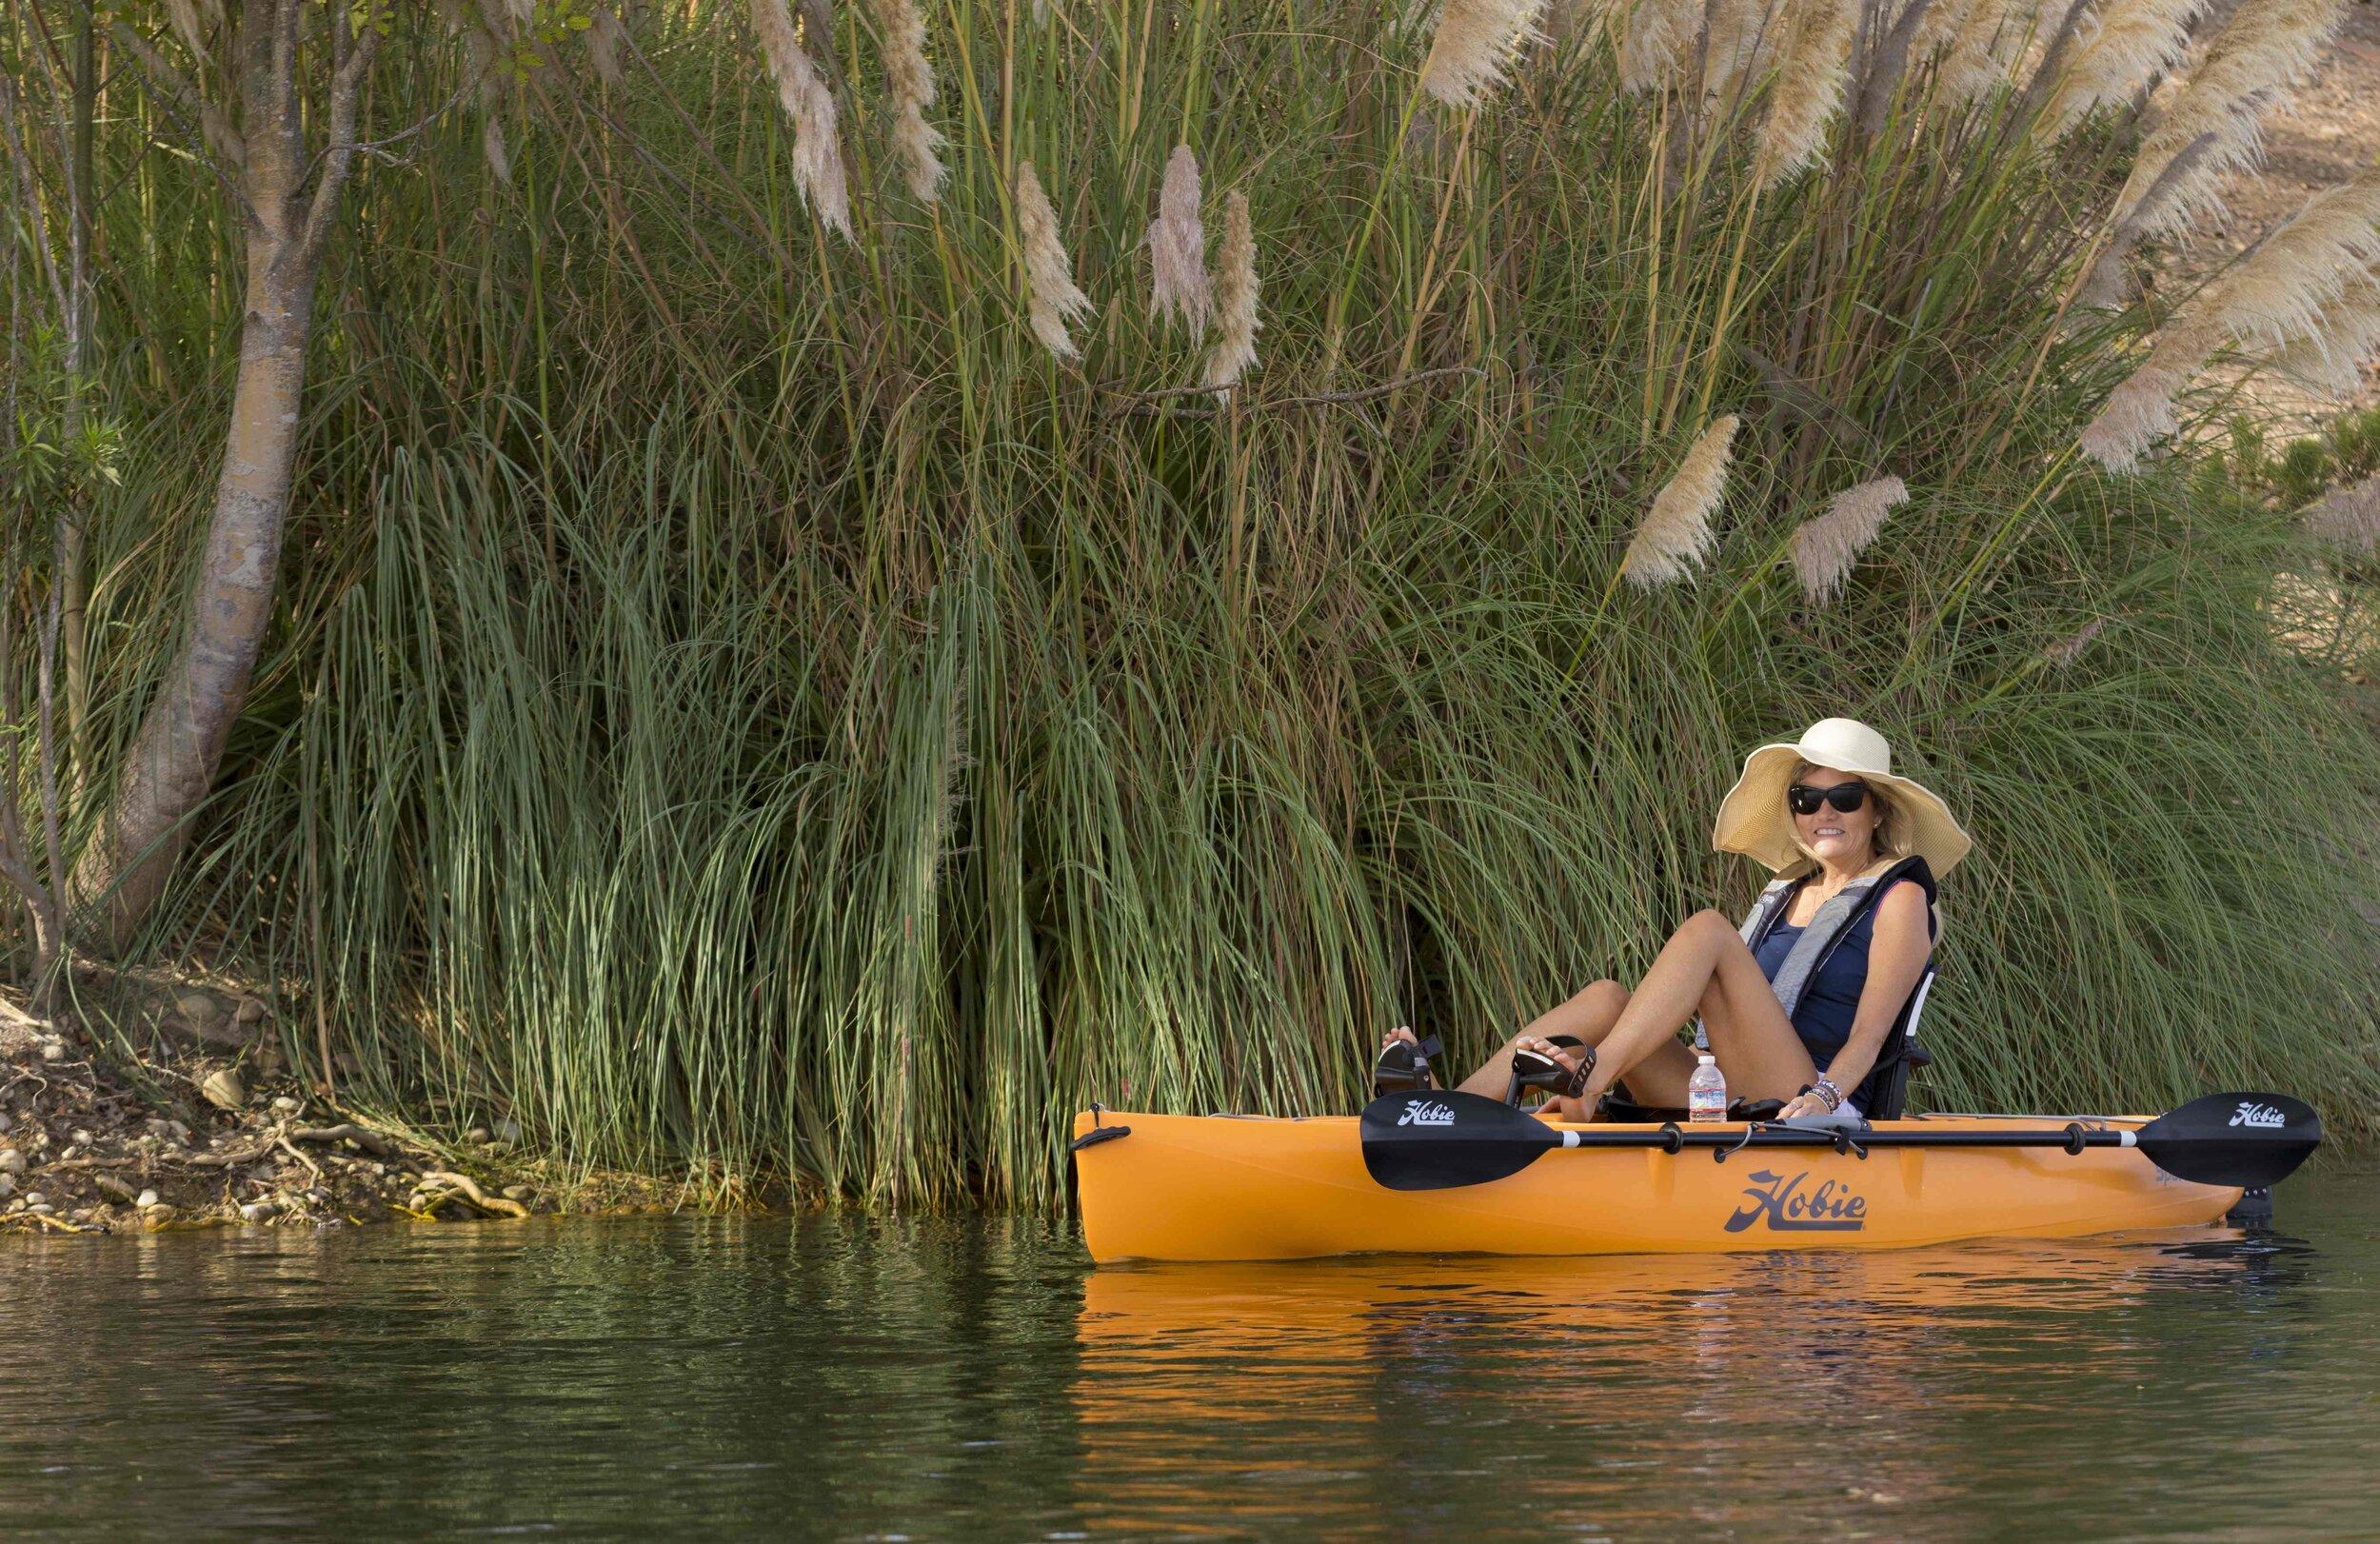 Sport_action_lake_papaya_mother_reeds_greenshore.jpg